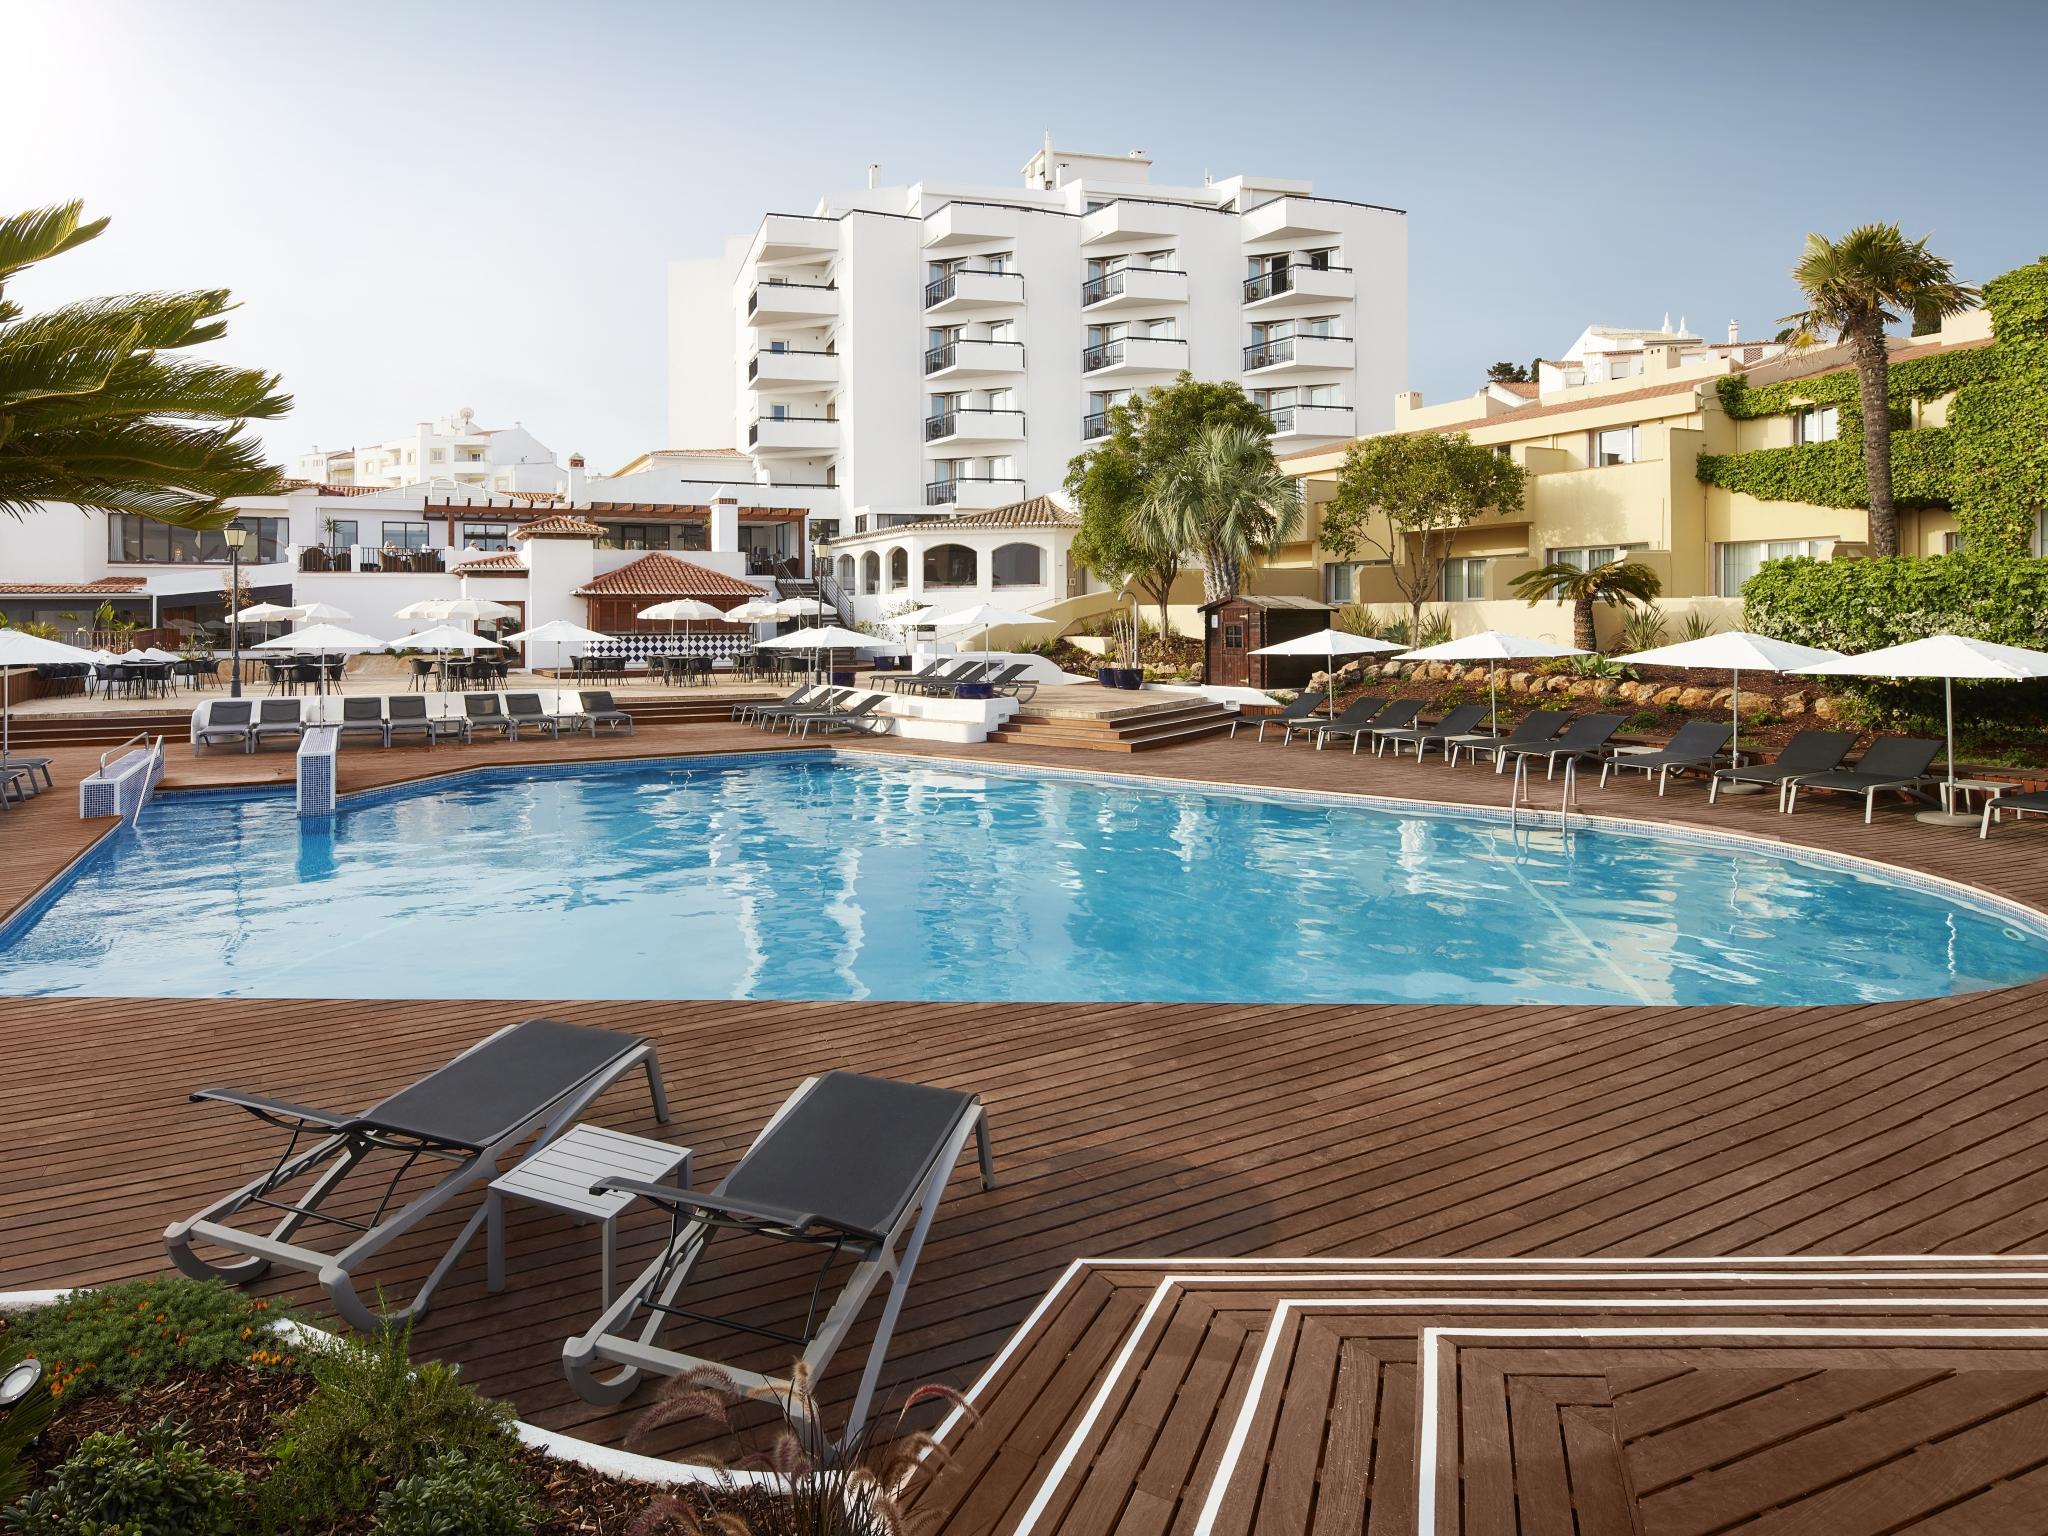 Tivoli Lagos Algarve Hotel